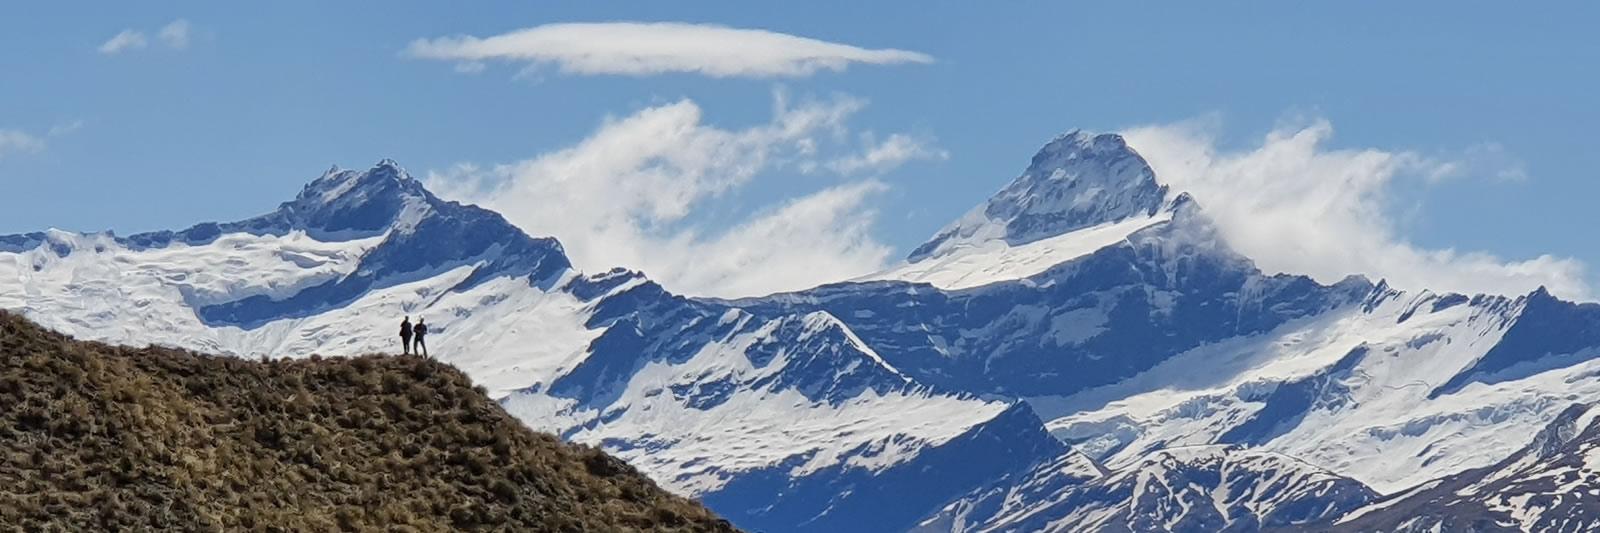 Alpine Lakes Heli Hike | Eco Wanaka